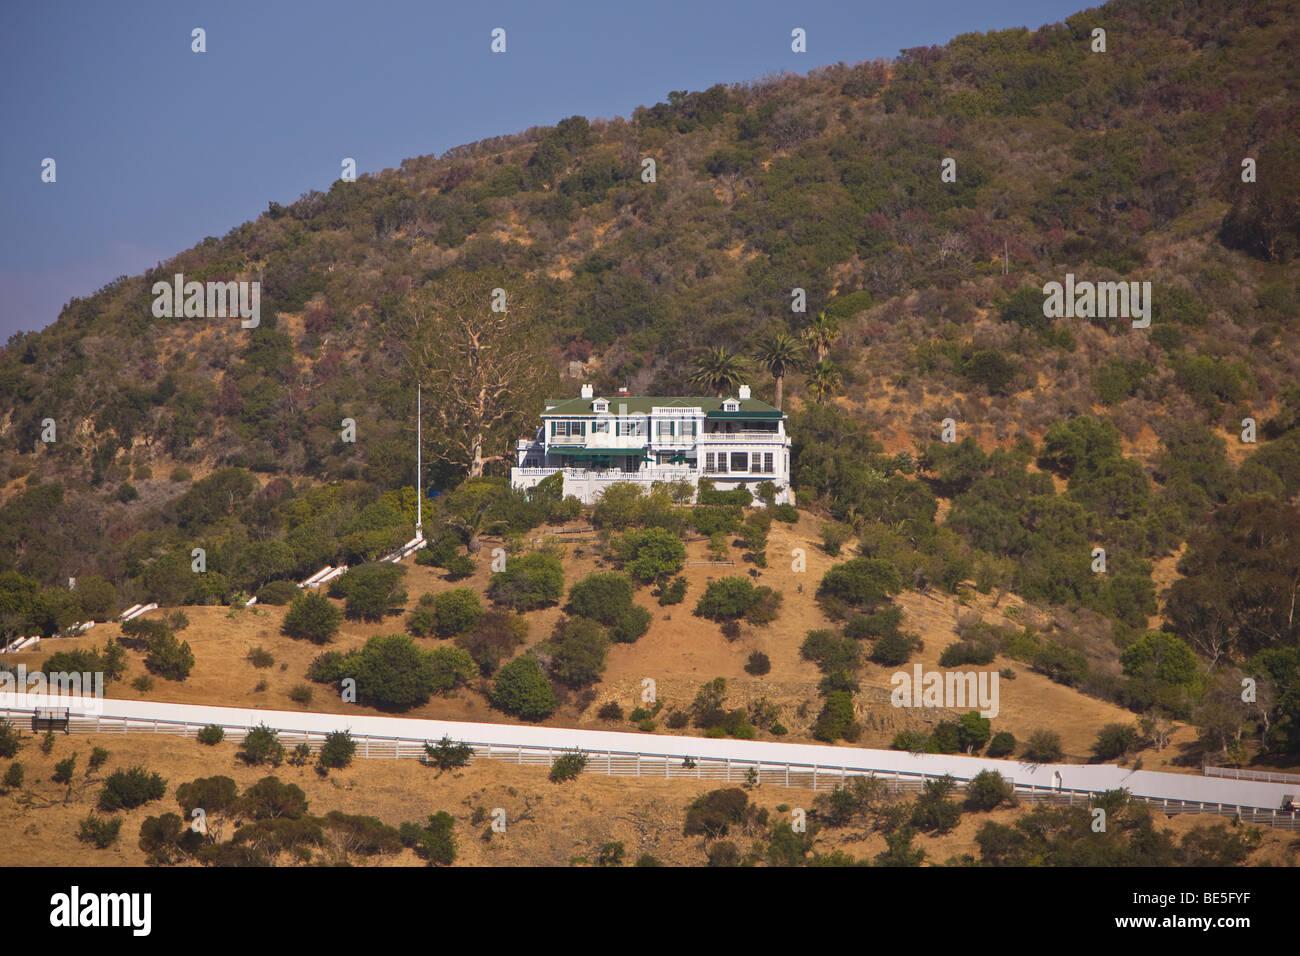 AVALON, CA, USA - Wrigley mansion, Santa Catalina Island - Stock Image